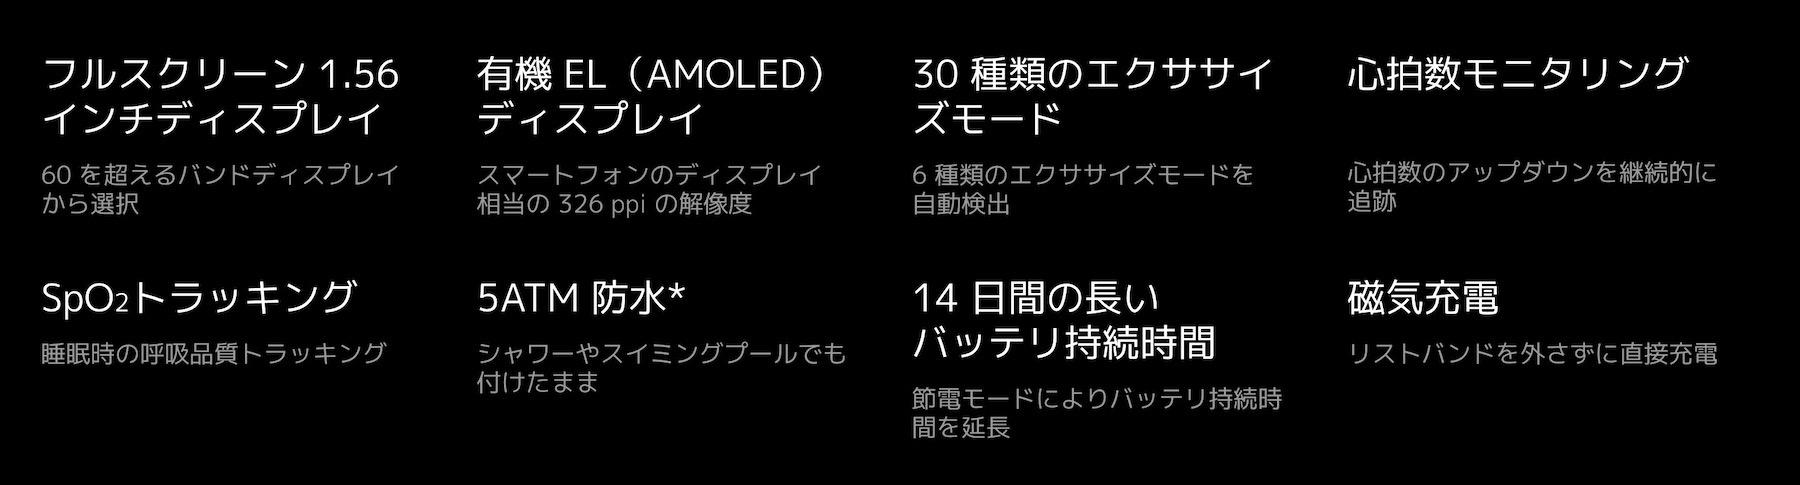 Mi スマートバンド 6 特徴